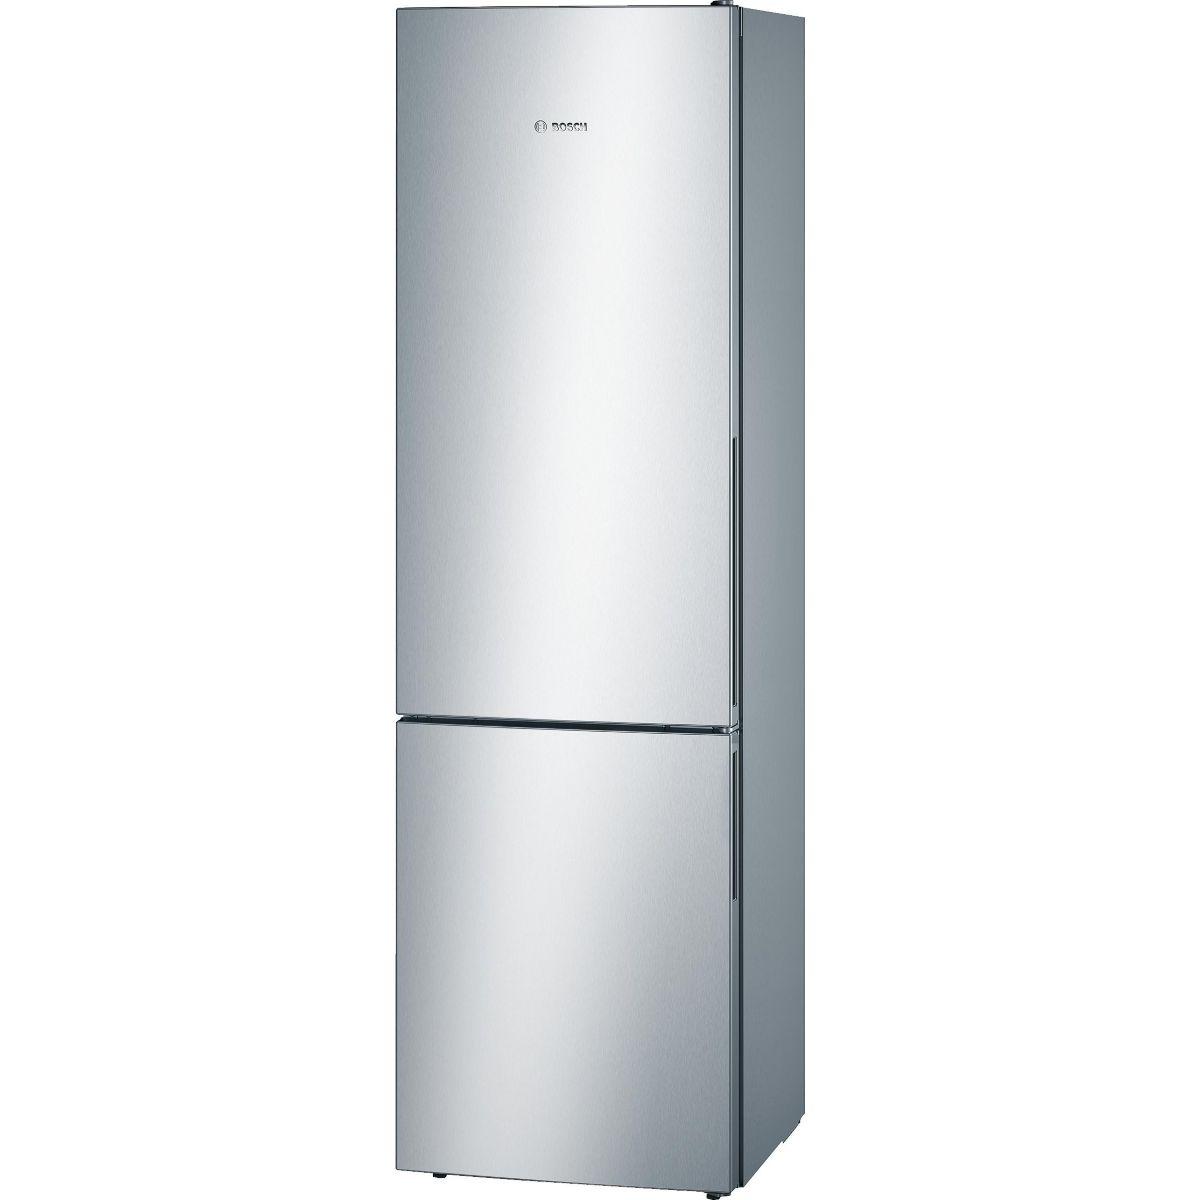 Réfrigérateur combiné BOSCH KGV 39 VL 31 S